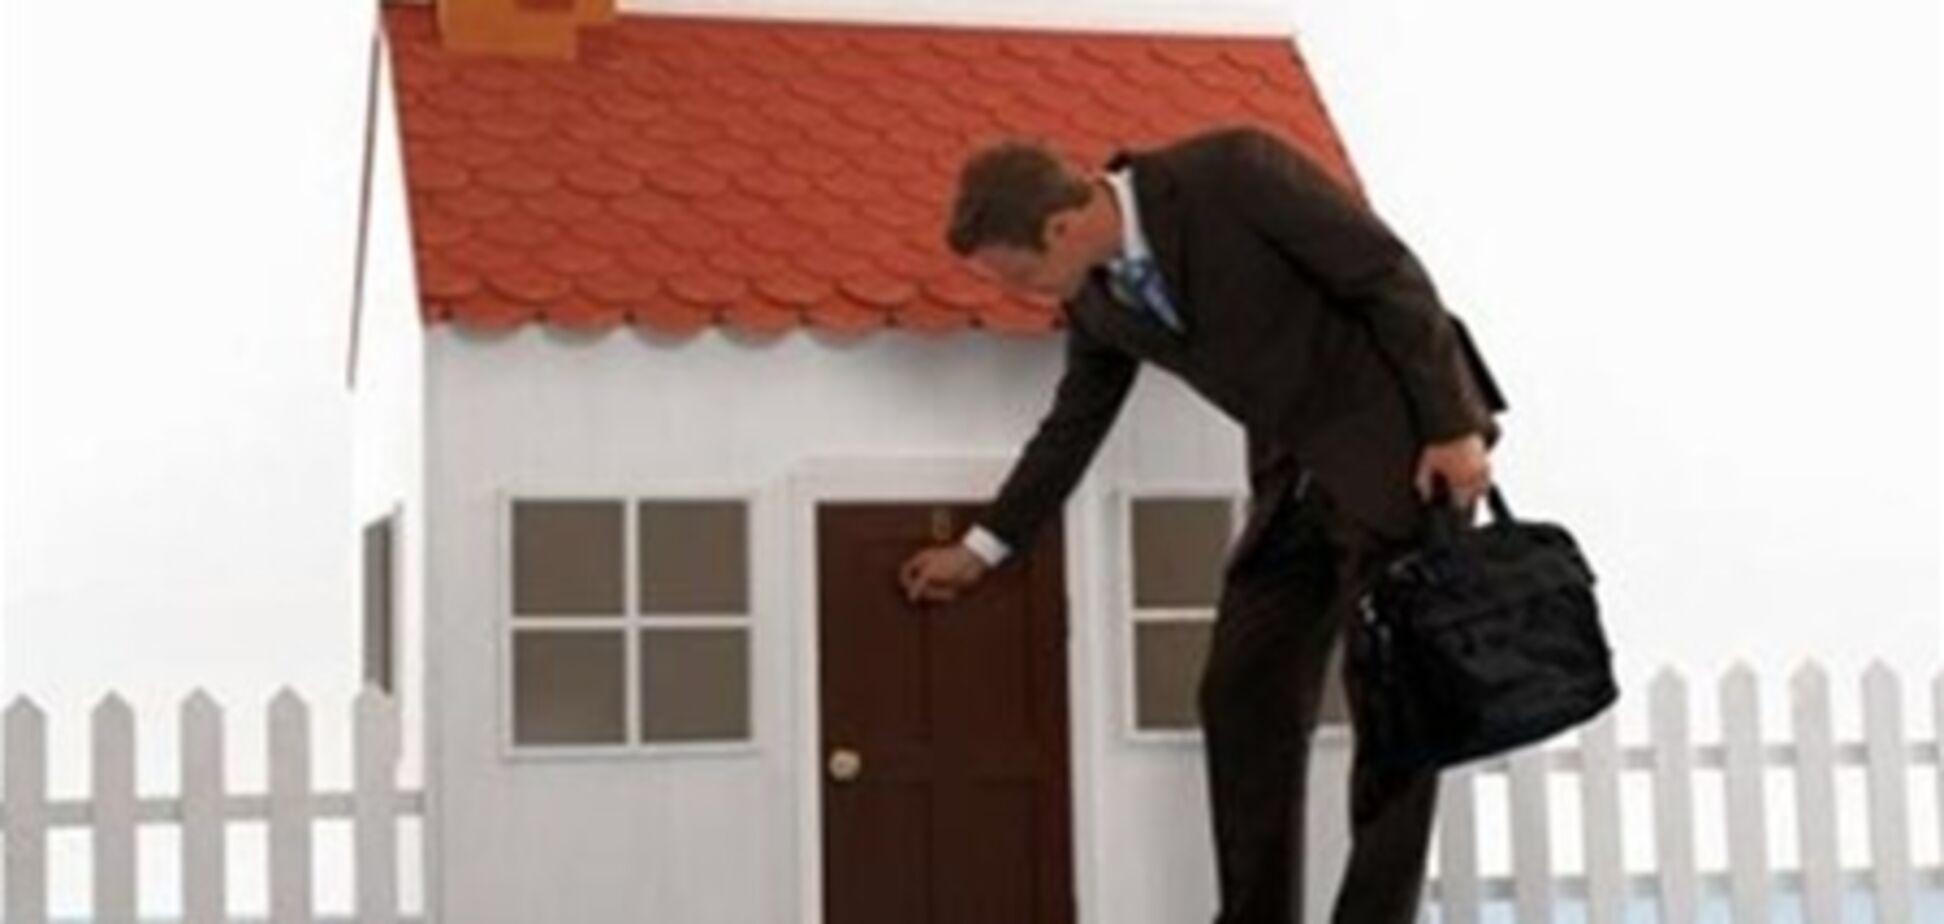 Оформлять права на недвижимость будут в помещениях БТИ